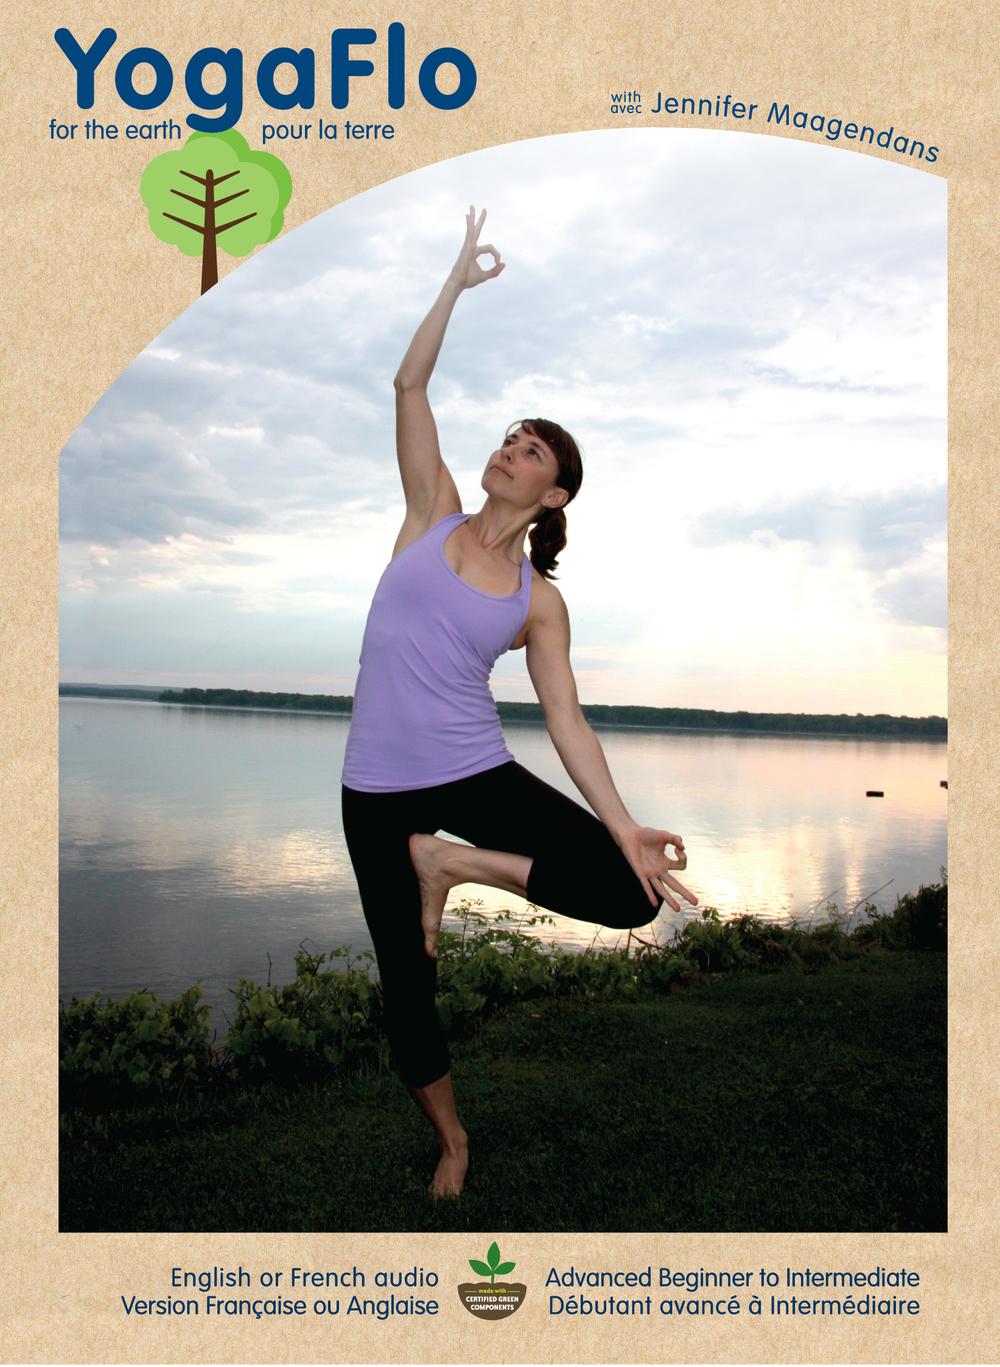 YogaFlo pour la terre